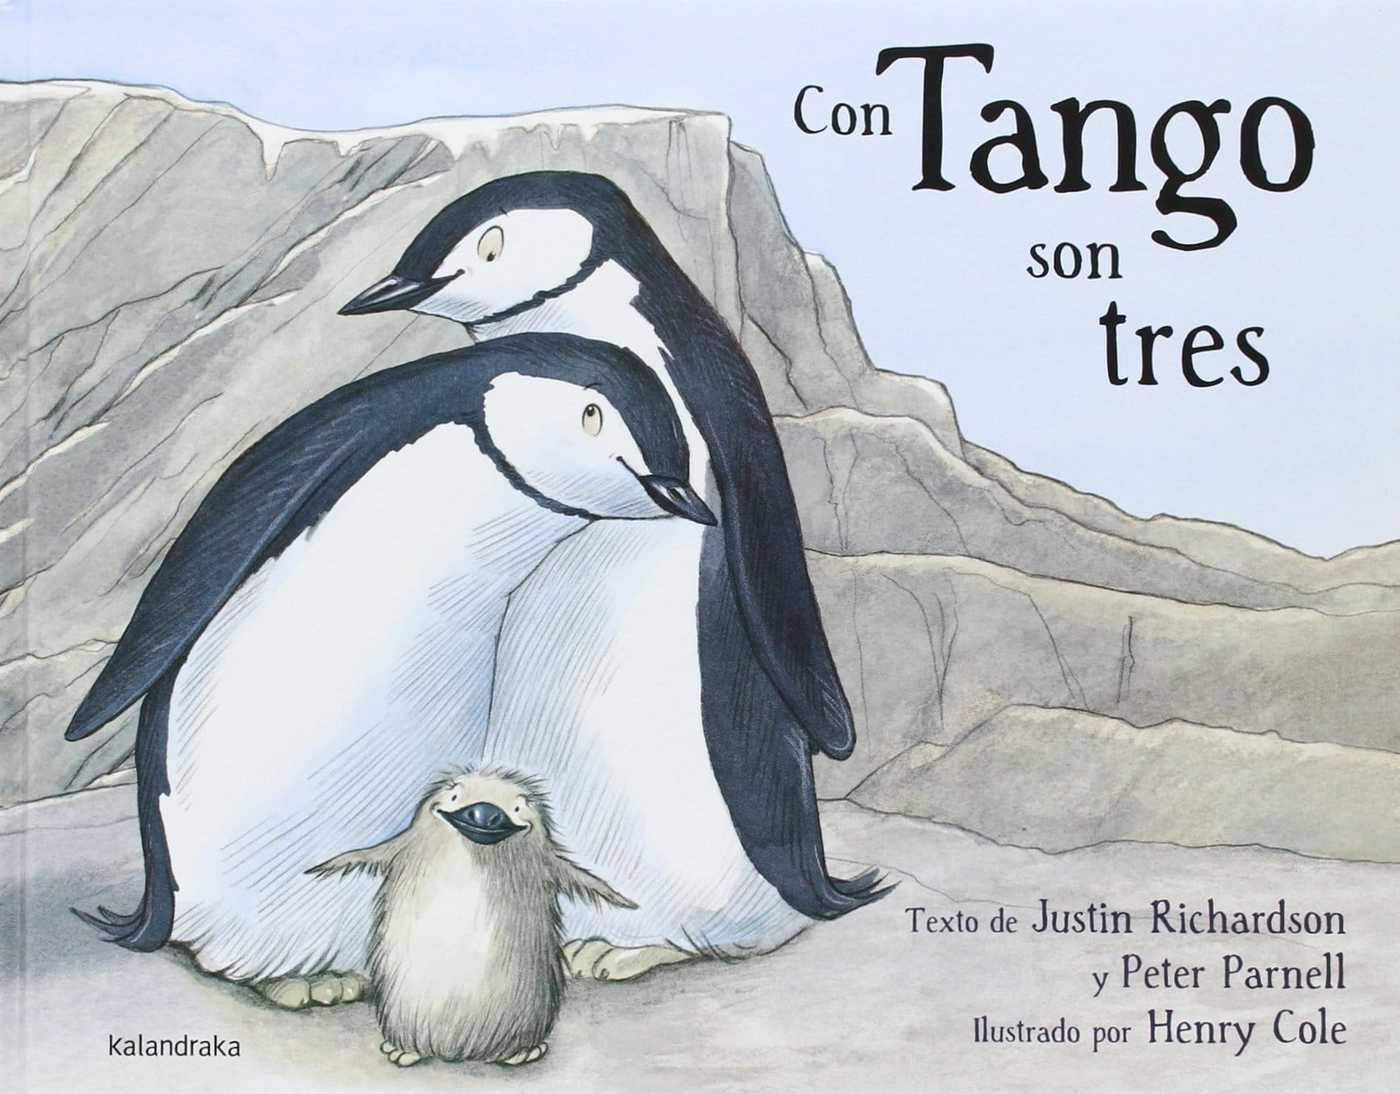 libros infantiles sobre homosexualidad